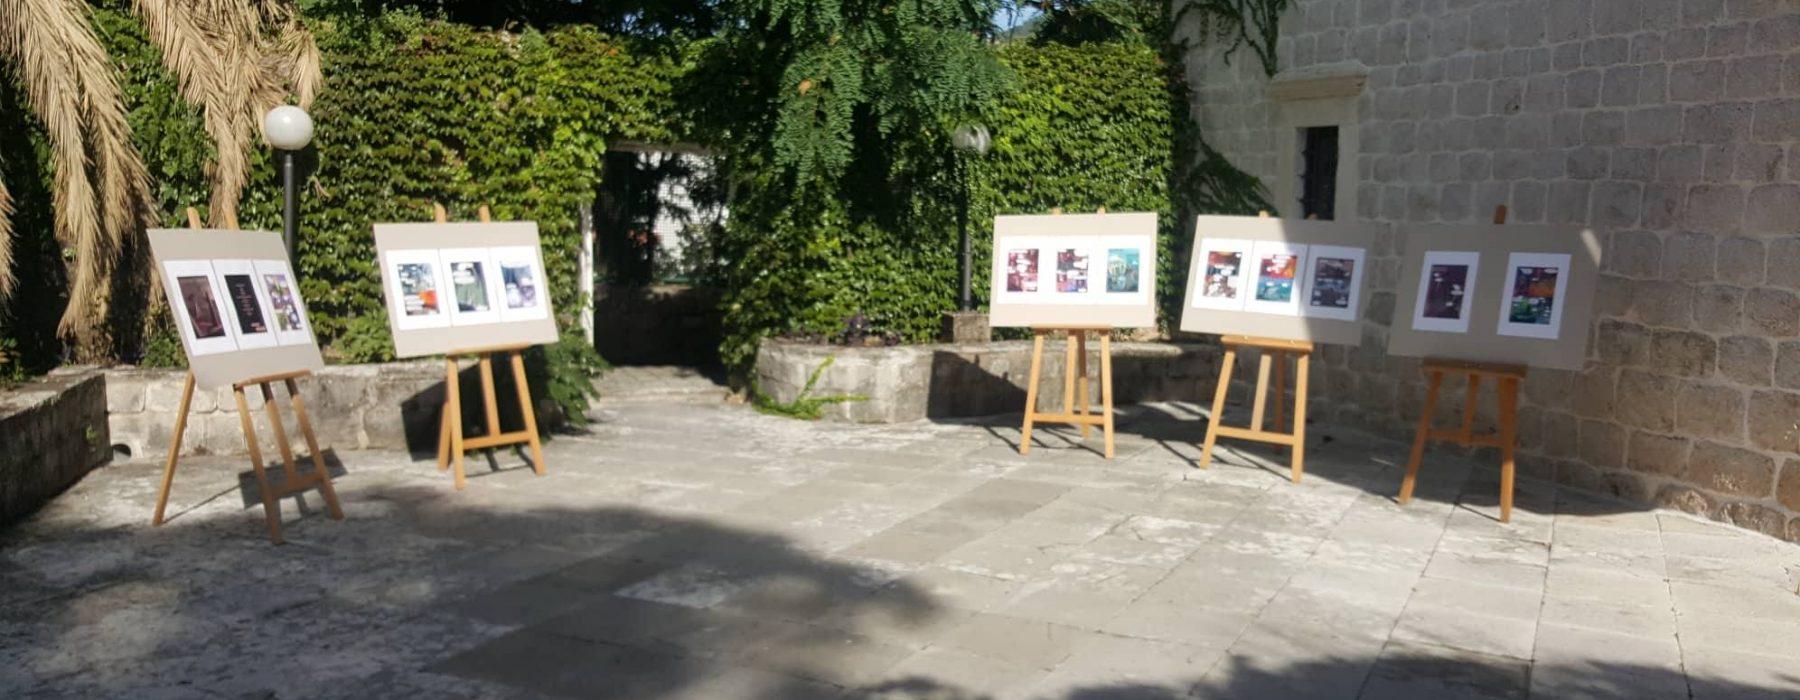 Izložbe u bašti muzeja, strip u boci i crtanje na Luštici danas na HSF-u